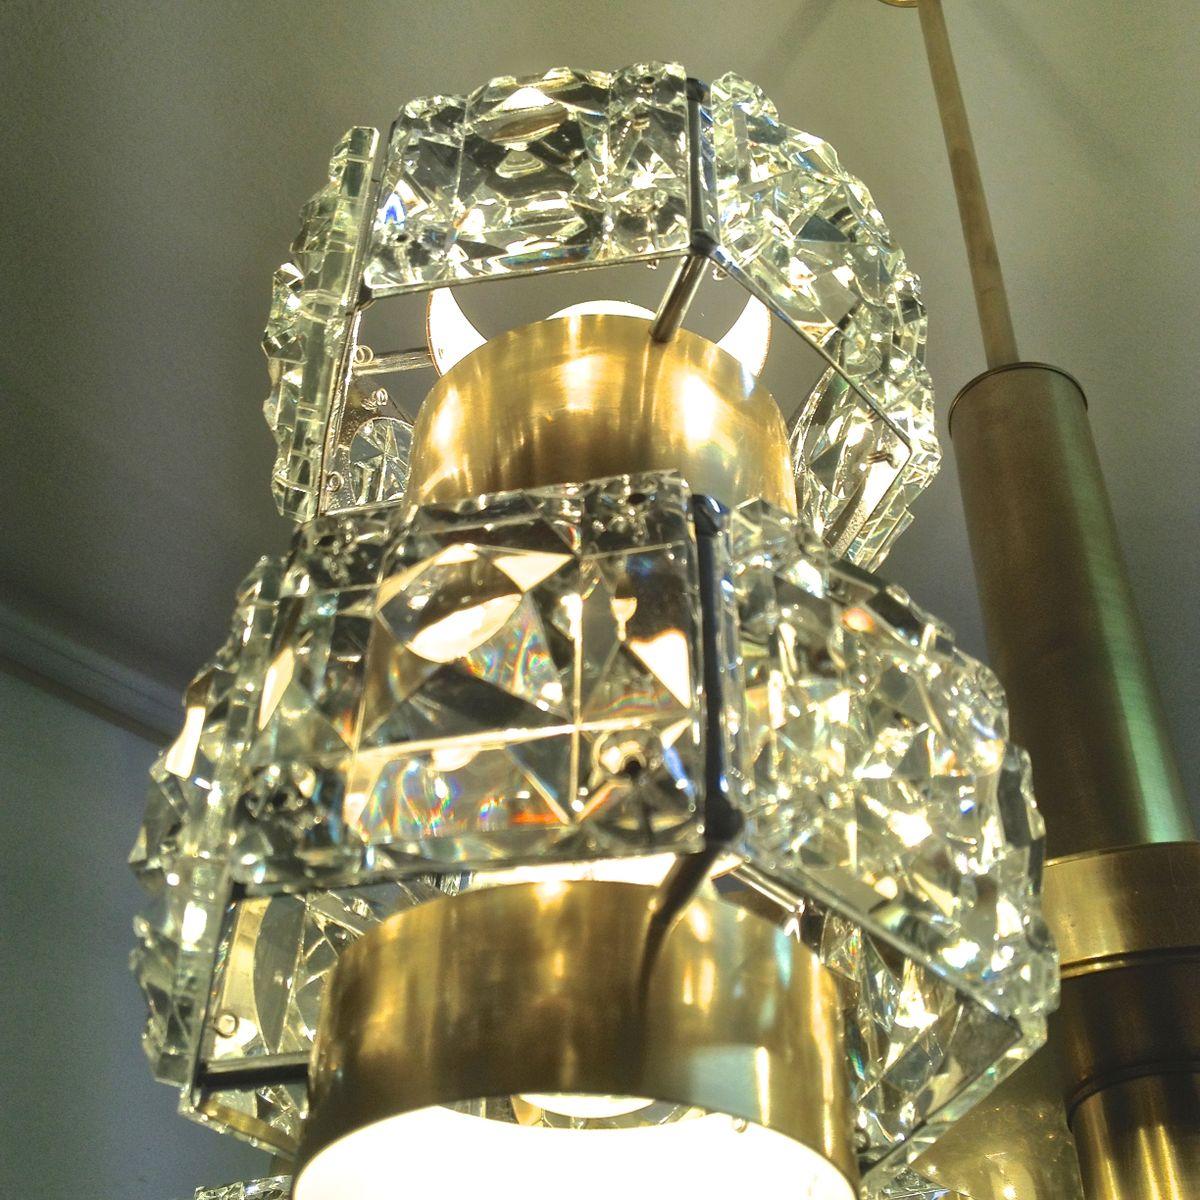 kristall und messing kronleuchter mit multiplen leuchten von kinkeldey 1960 bei pamono kaufen. Black Bedroom Furniture Sets. Home Design Ideas